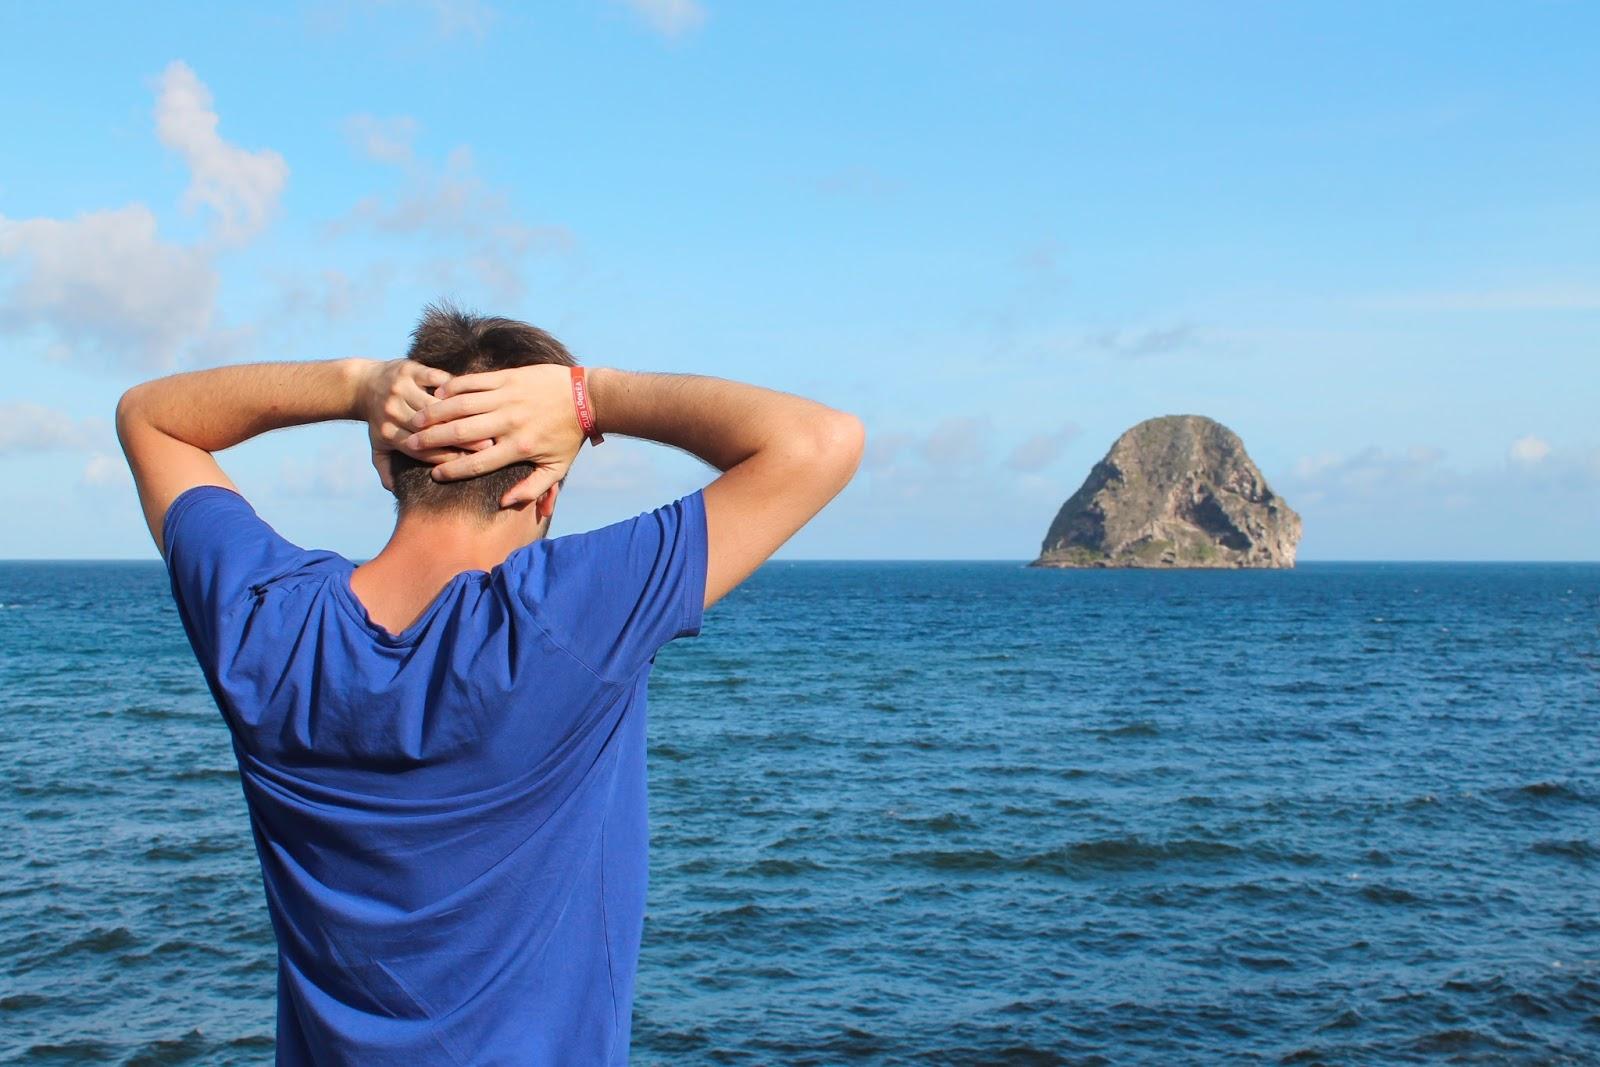 voyage martinique 972 île caraibes diamant vacances holidays que faire semaine mer plage anse cafard